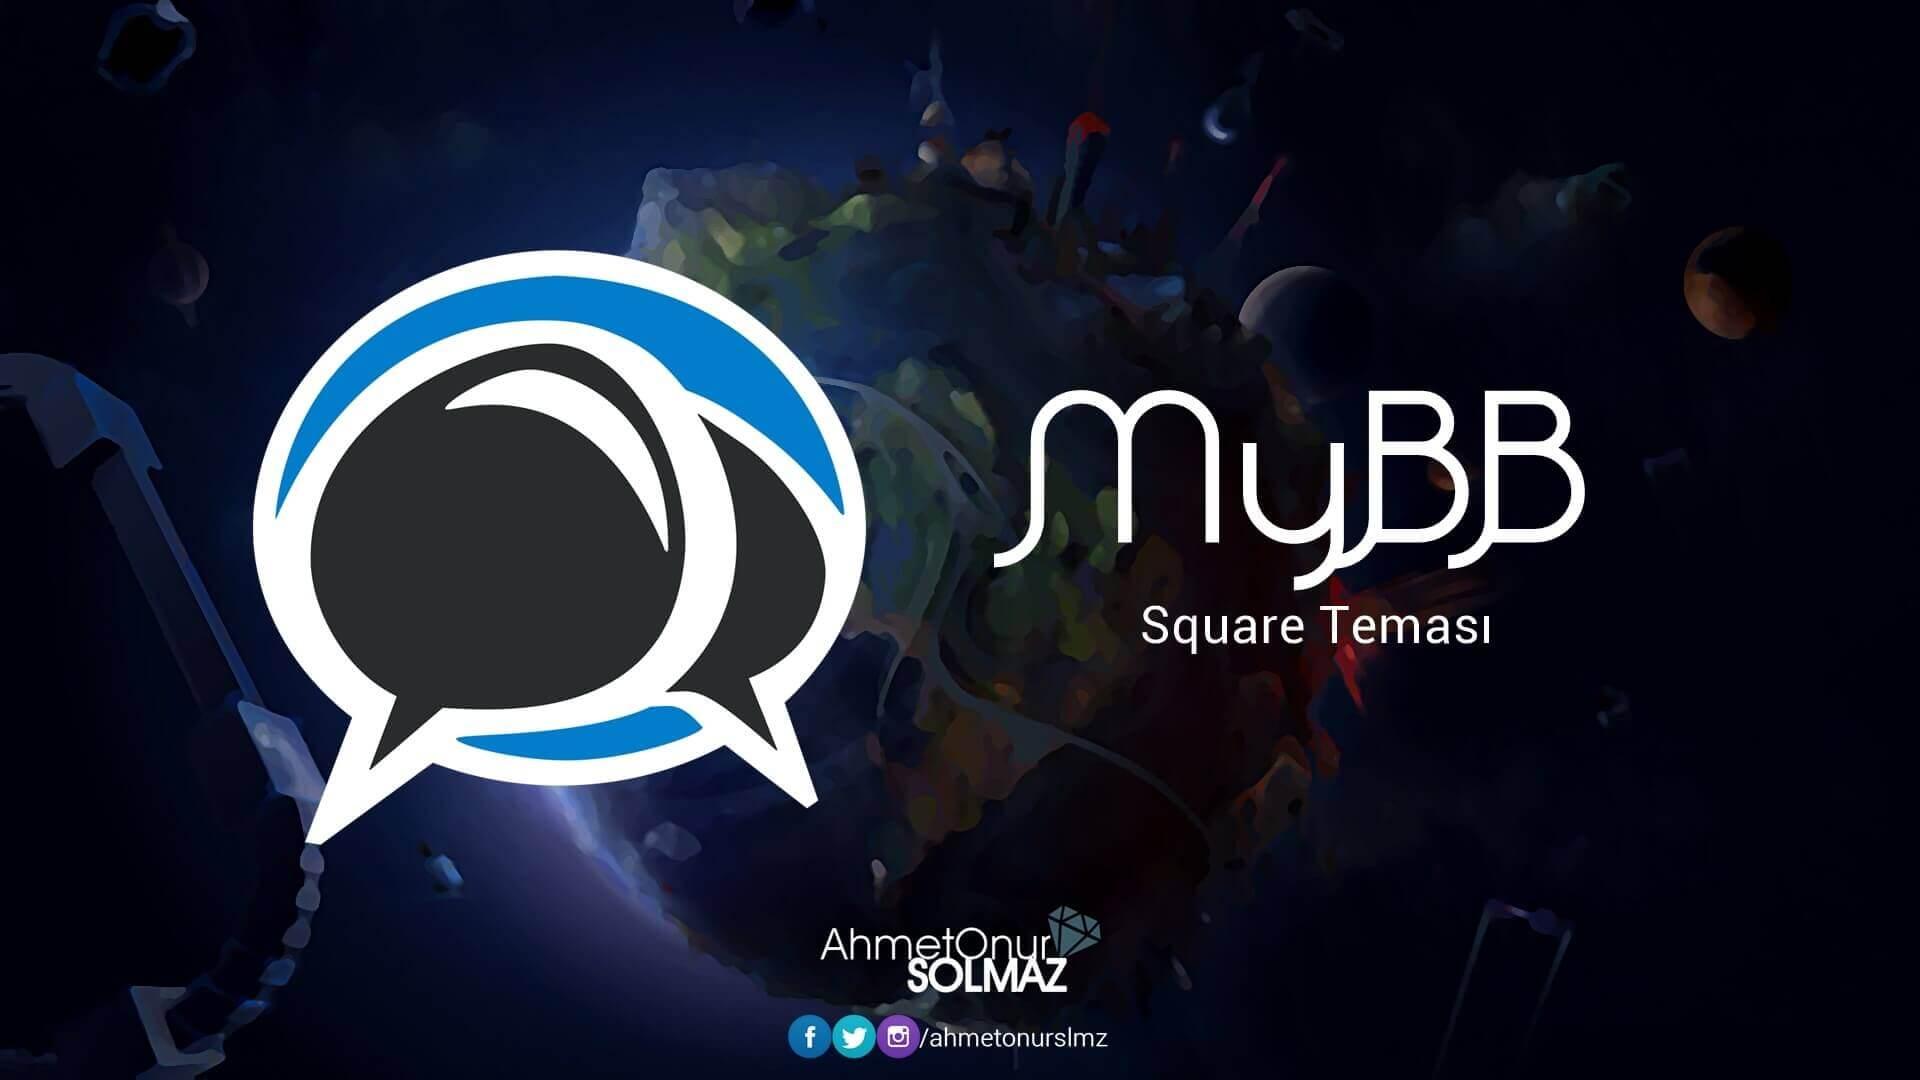 MyBB Square Teması